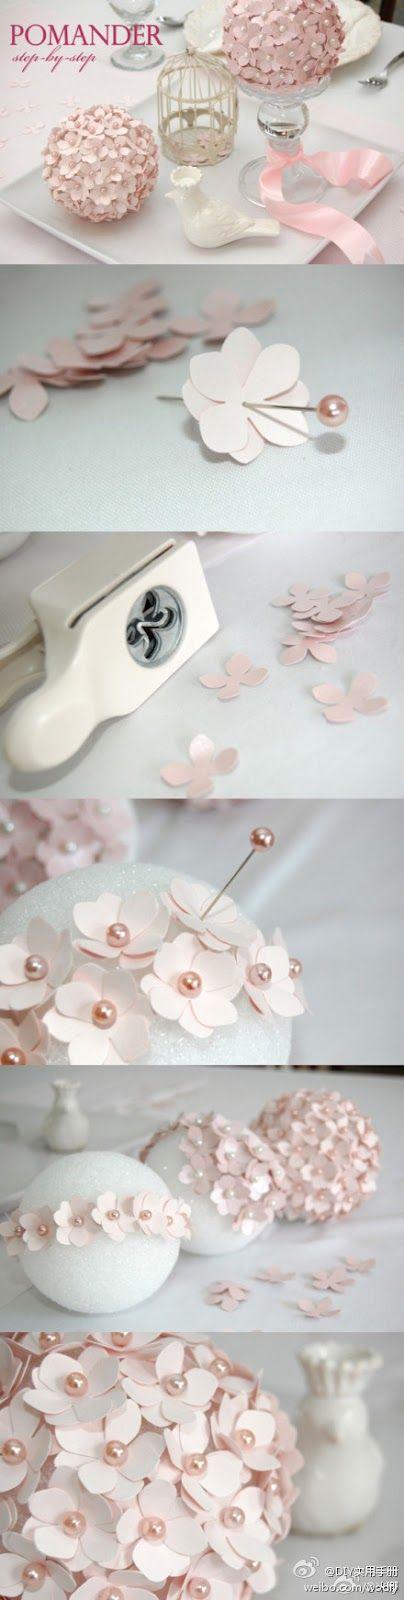 Arranjo de flores de papel decoração de casamentos e chá de bebê